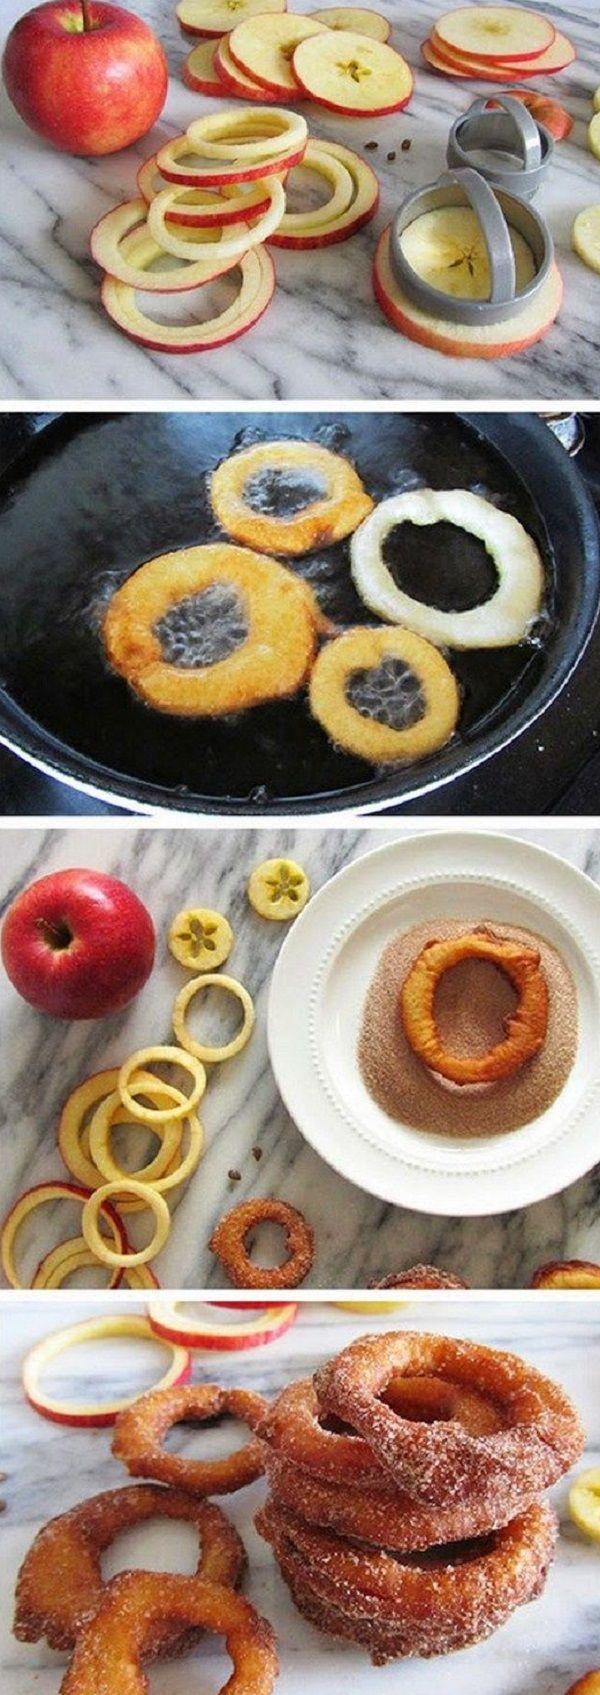 яблочные кольца в панировке из сахара и корицы